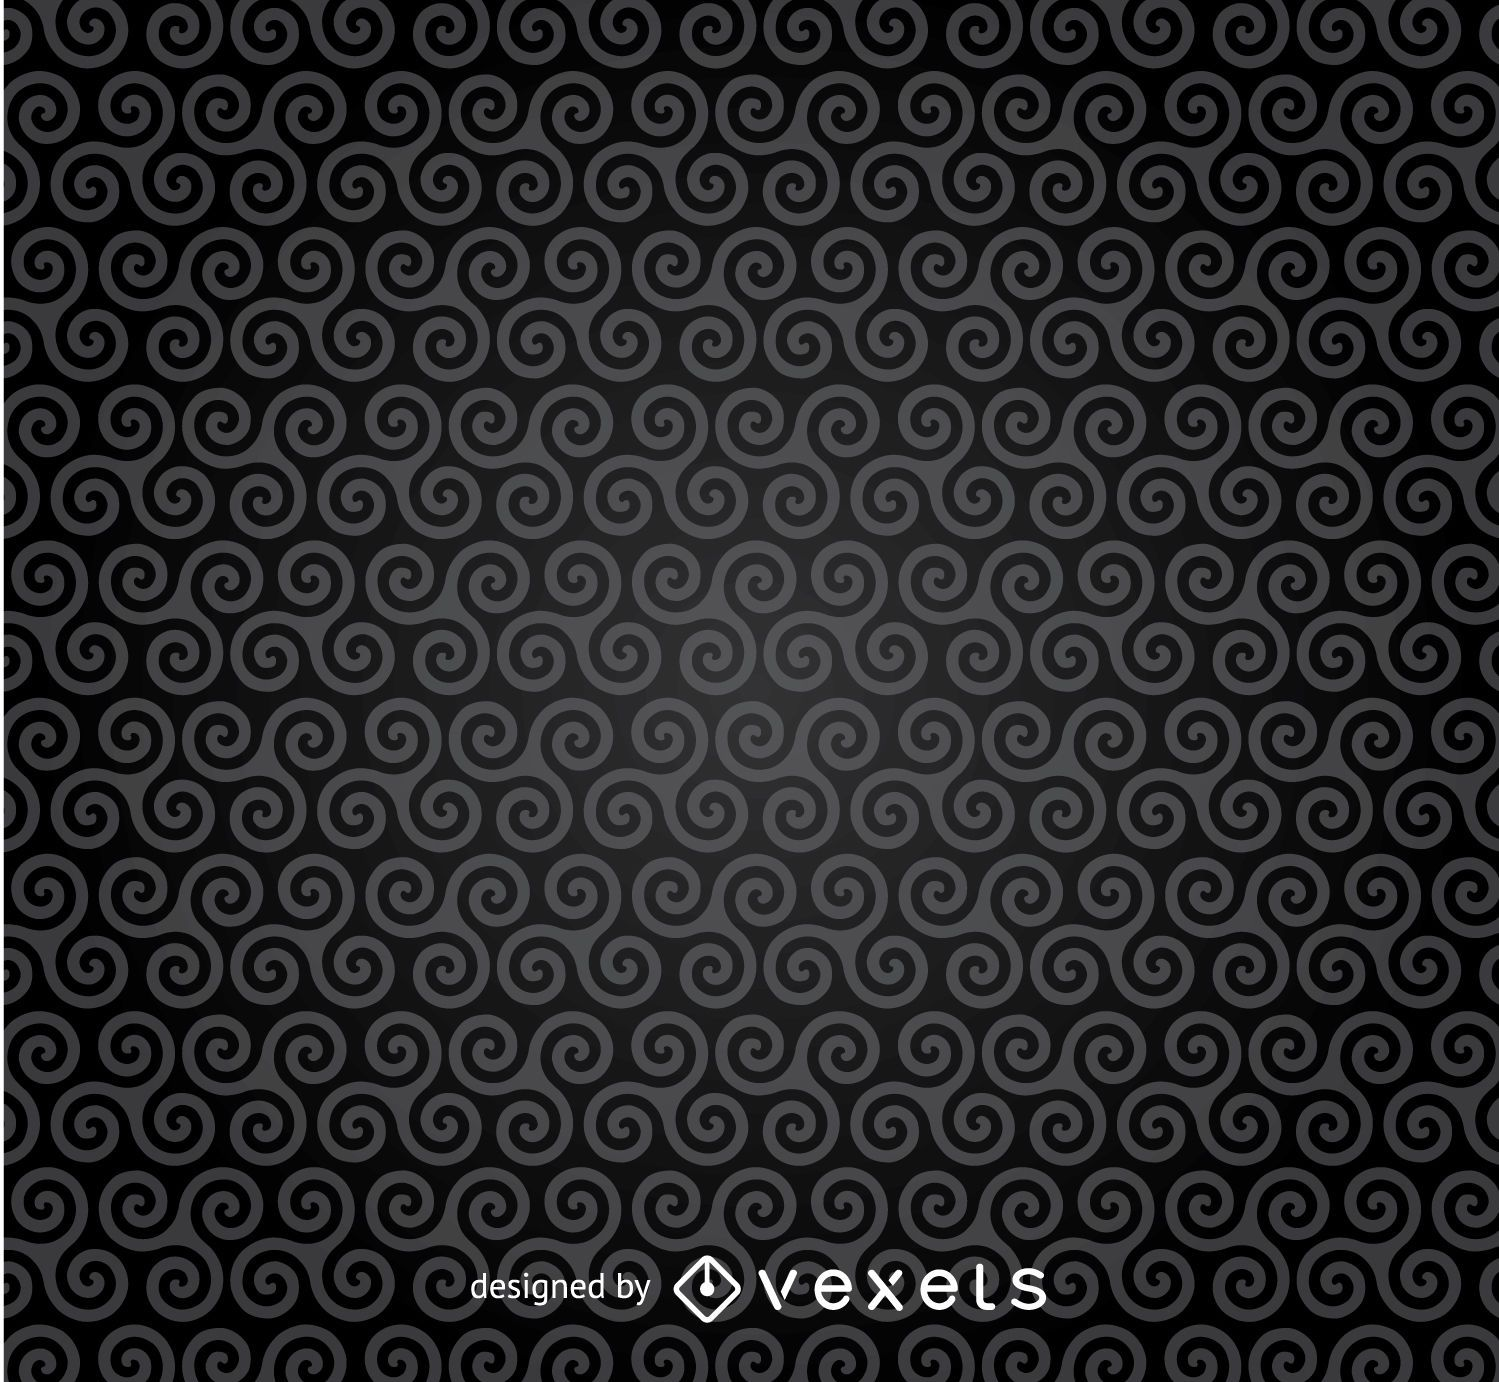 Dark spirals pattern background